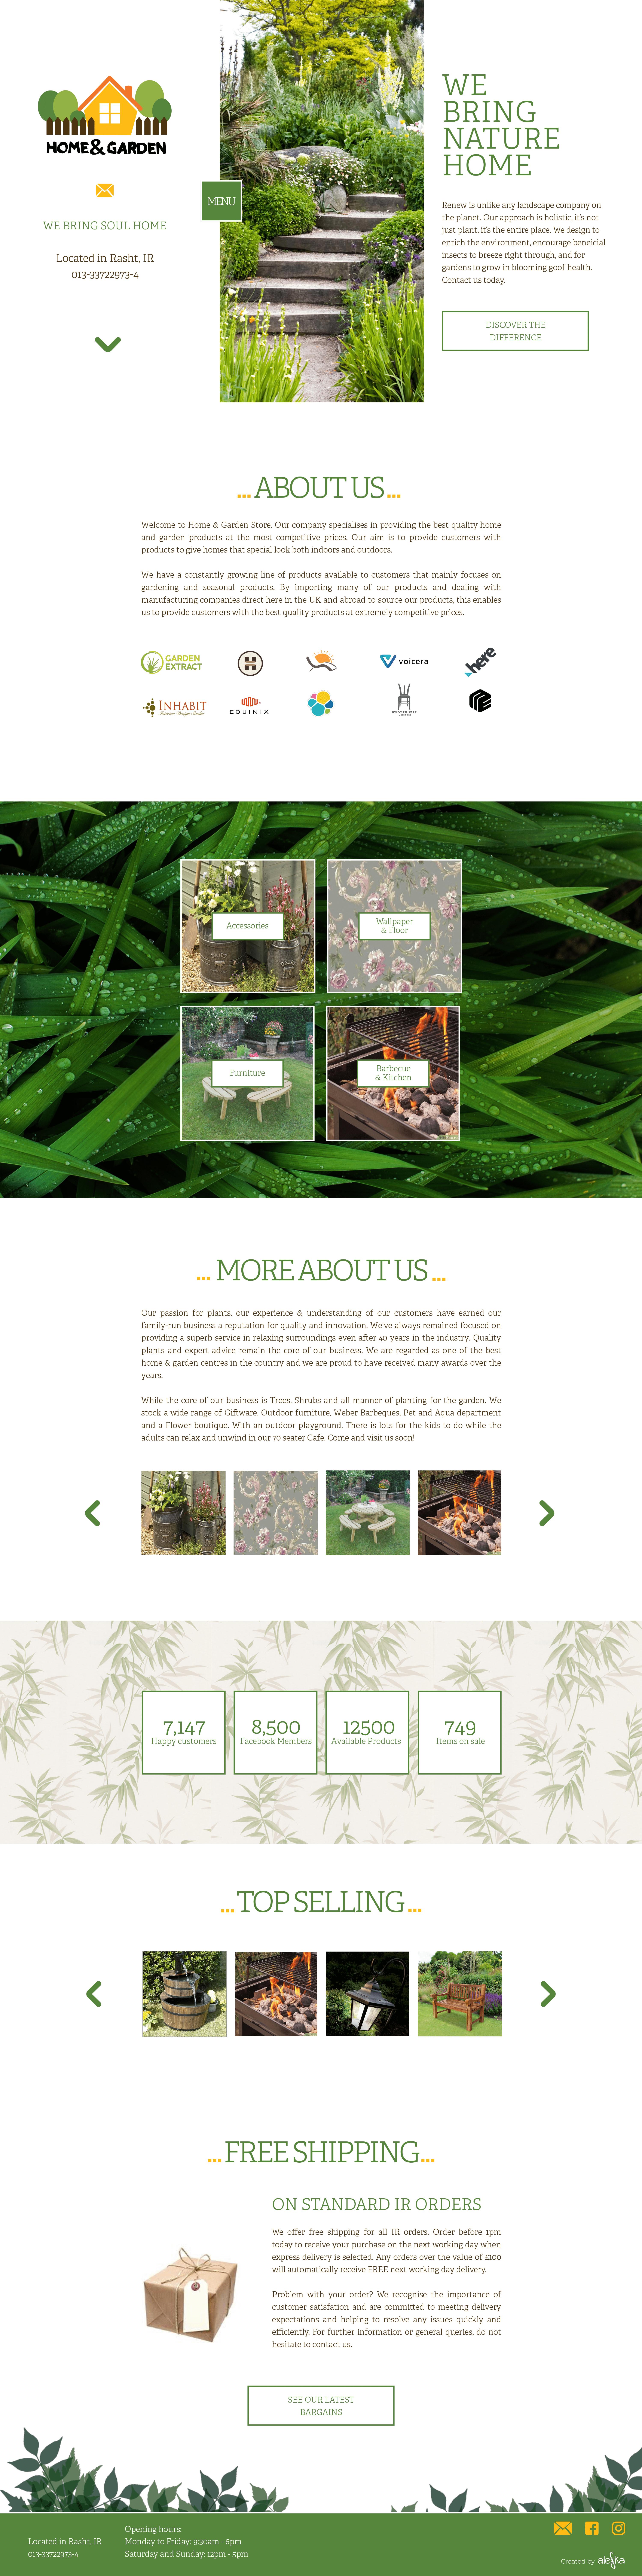 Home & Garden - Web Design